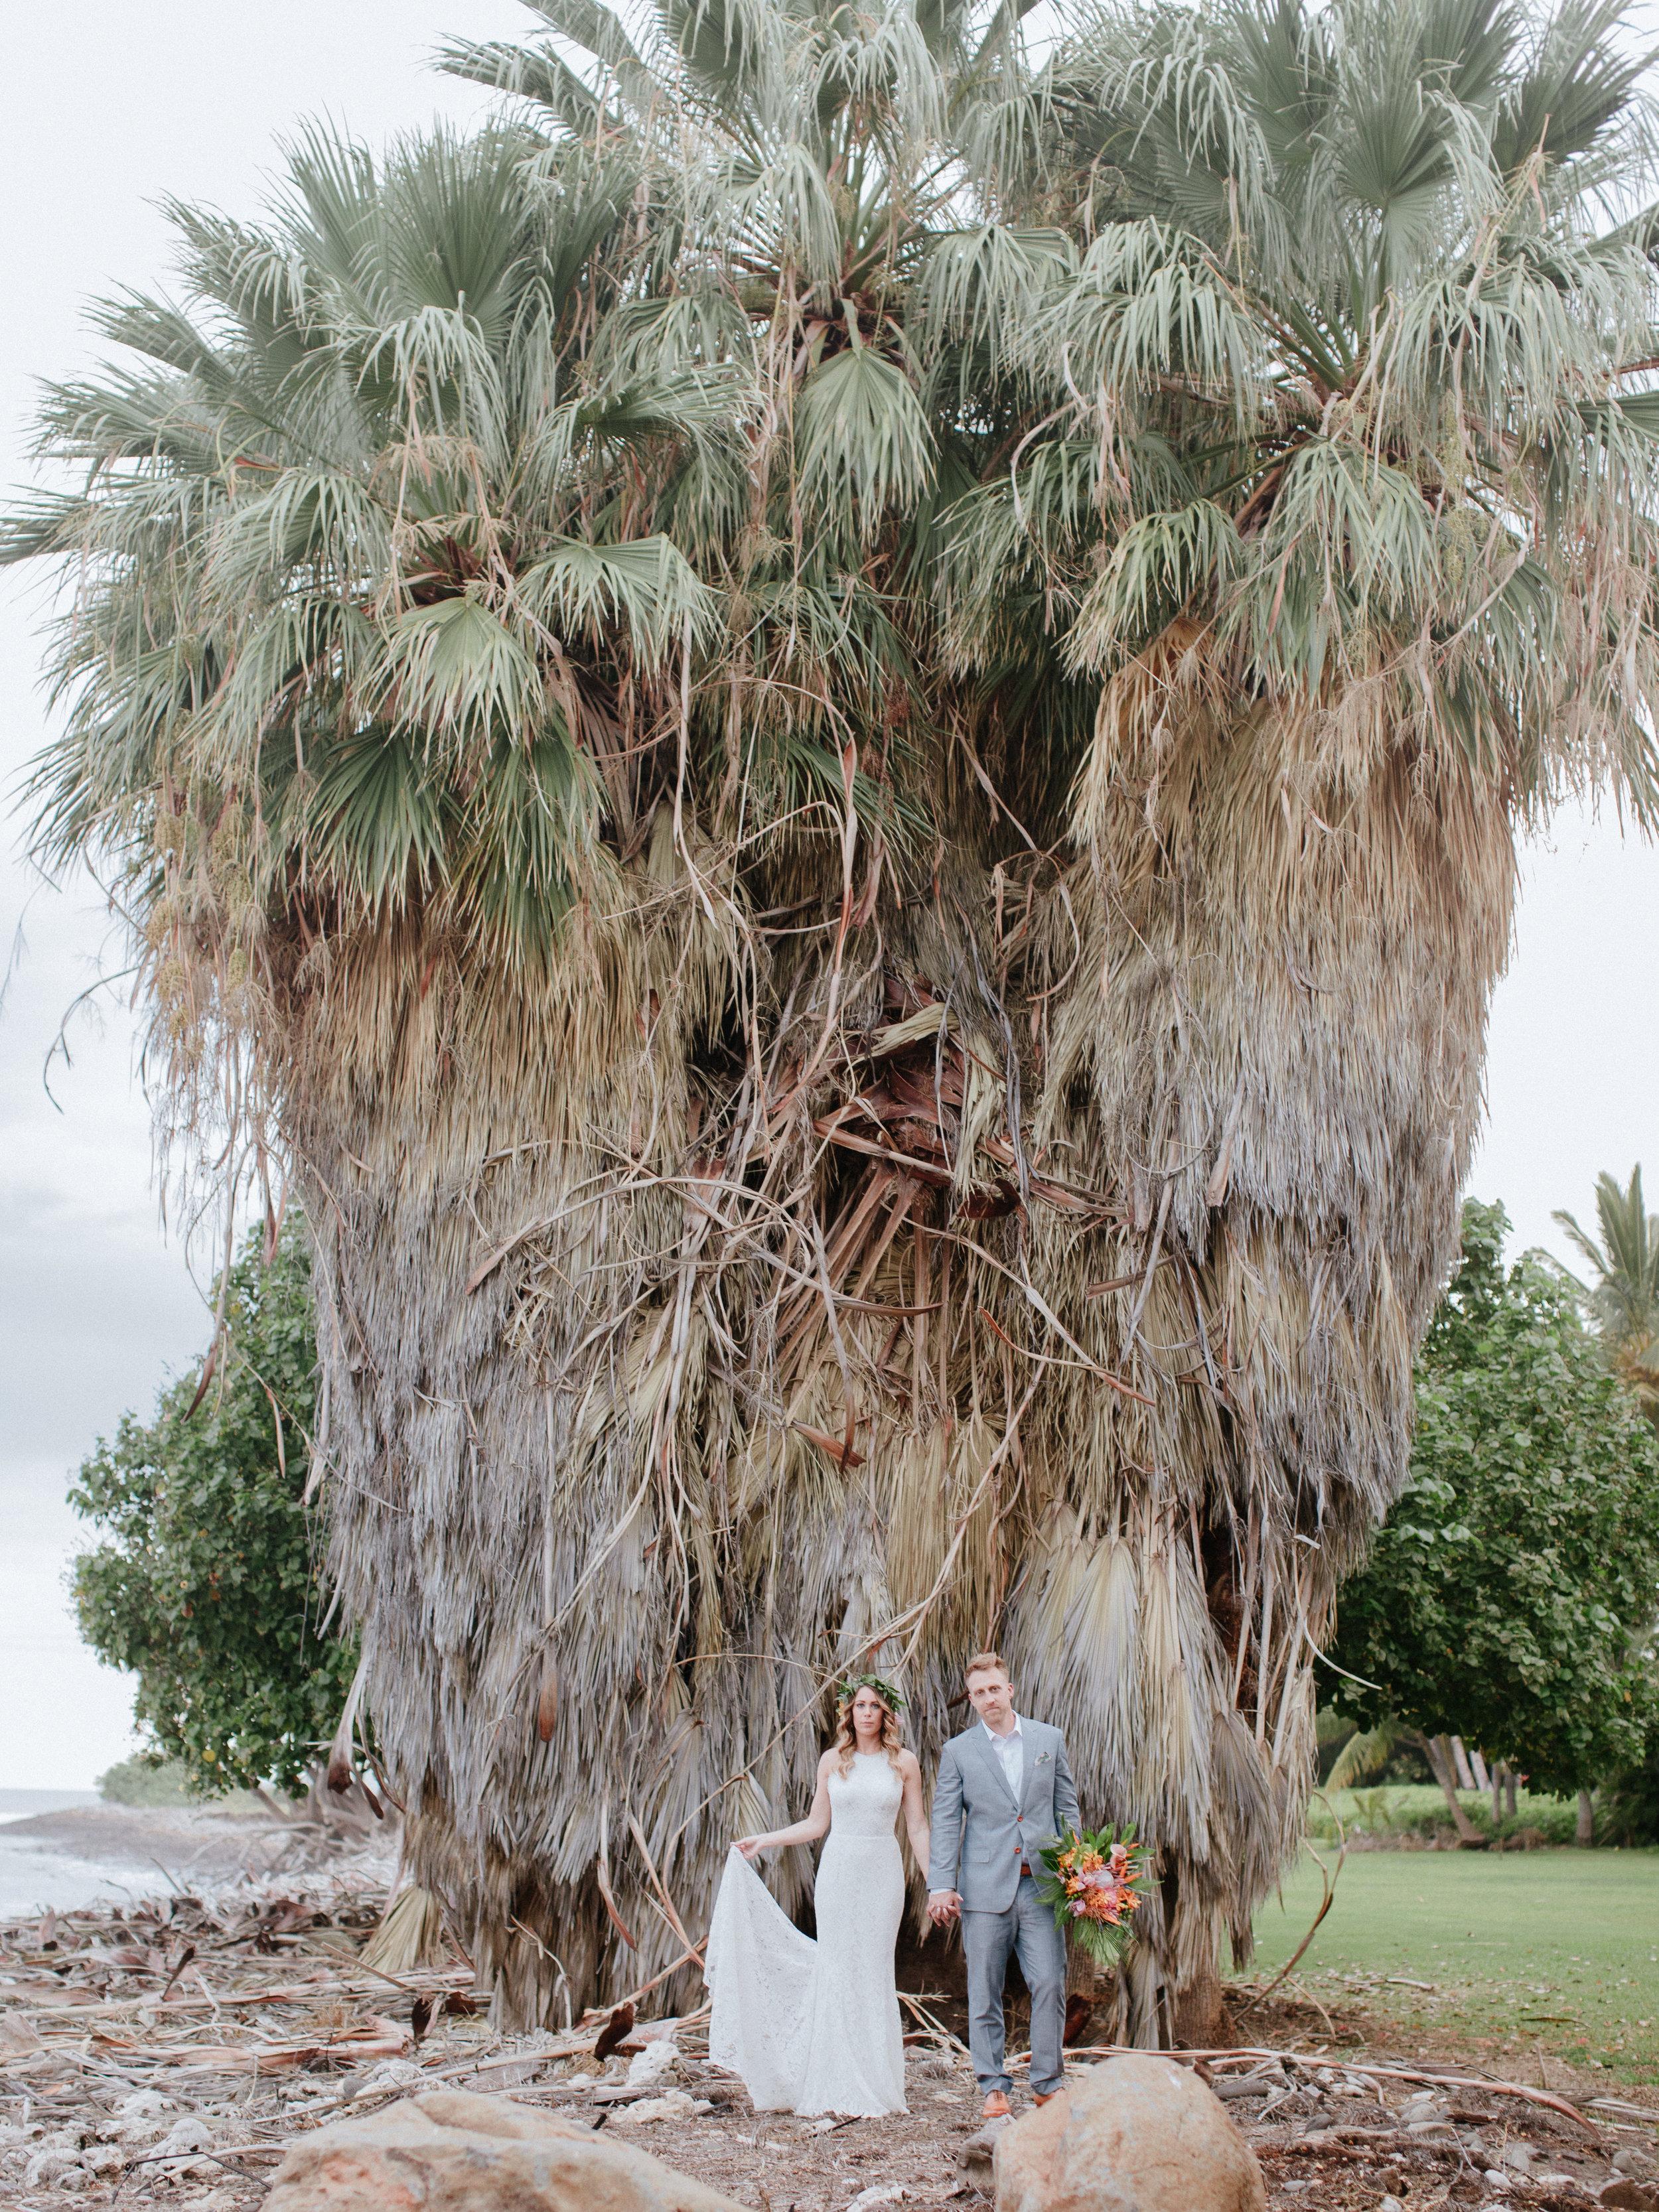 Chris-J-Evans-maui-wedding-JA3292.jpg